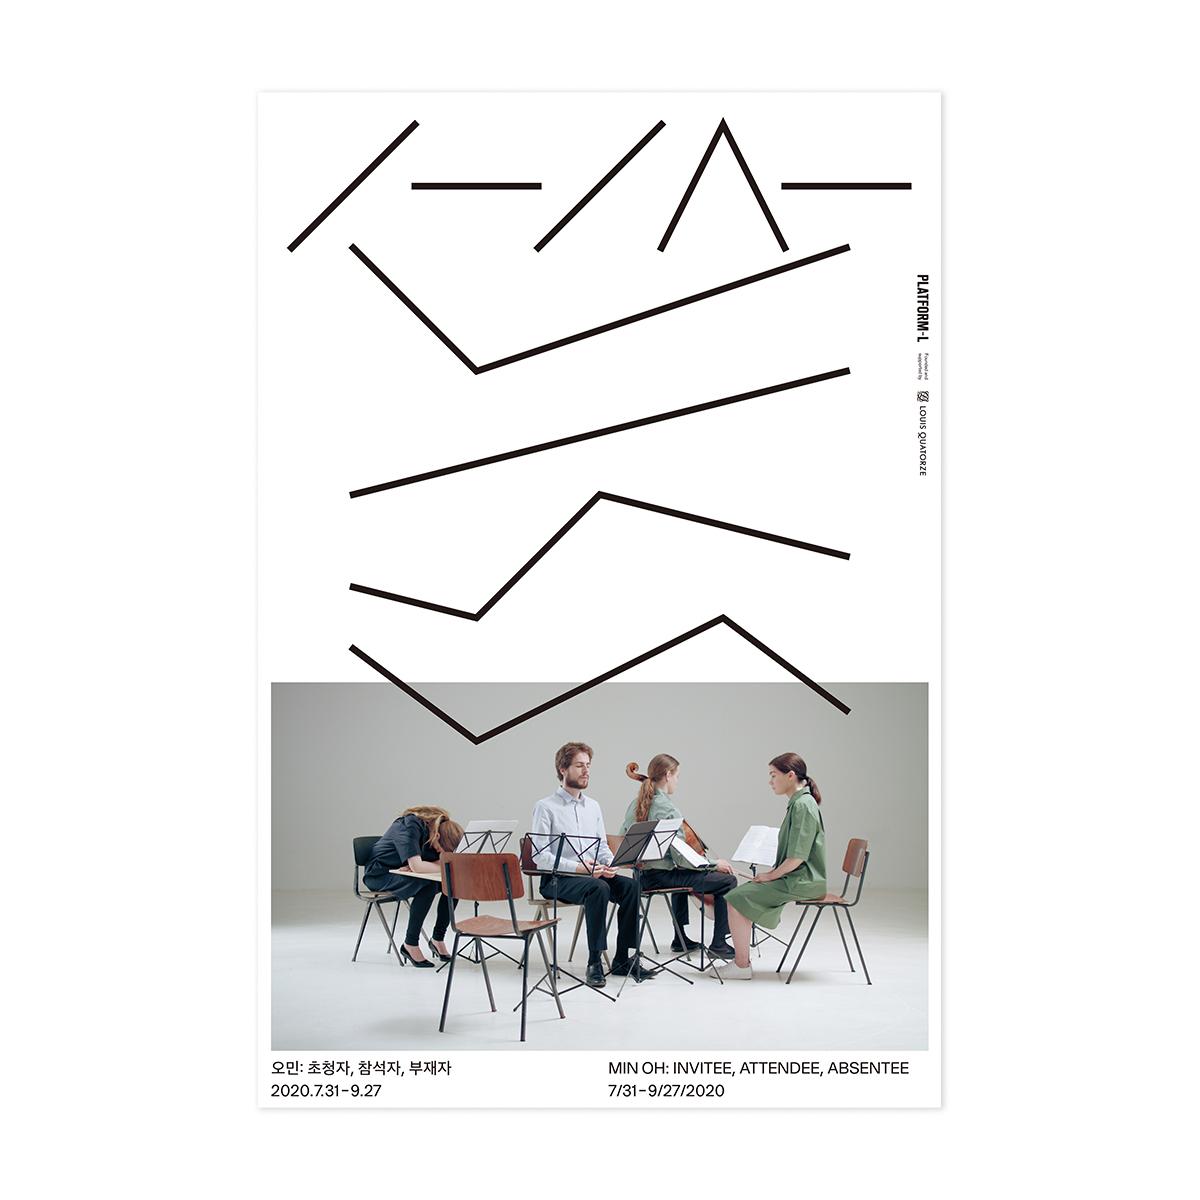 플랫폼엘 ≪오민: 초청자, 참석자, 부재자≫ 포스터